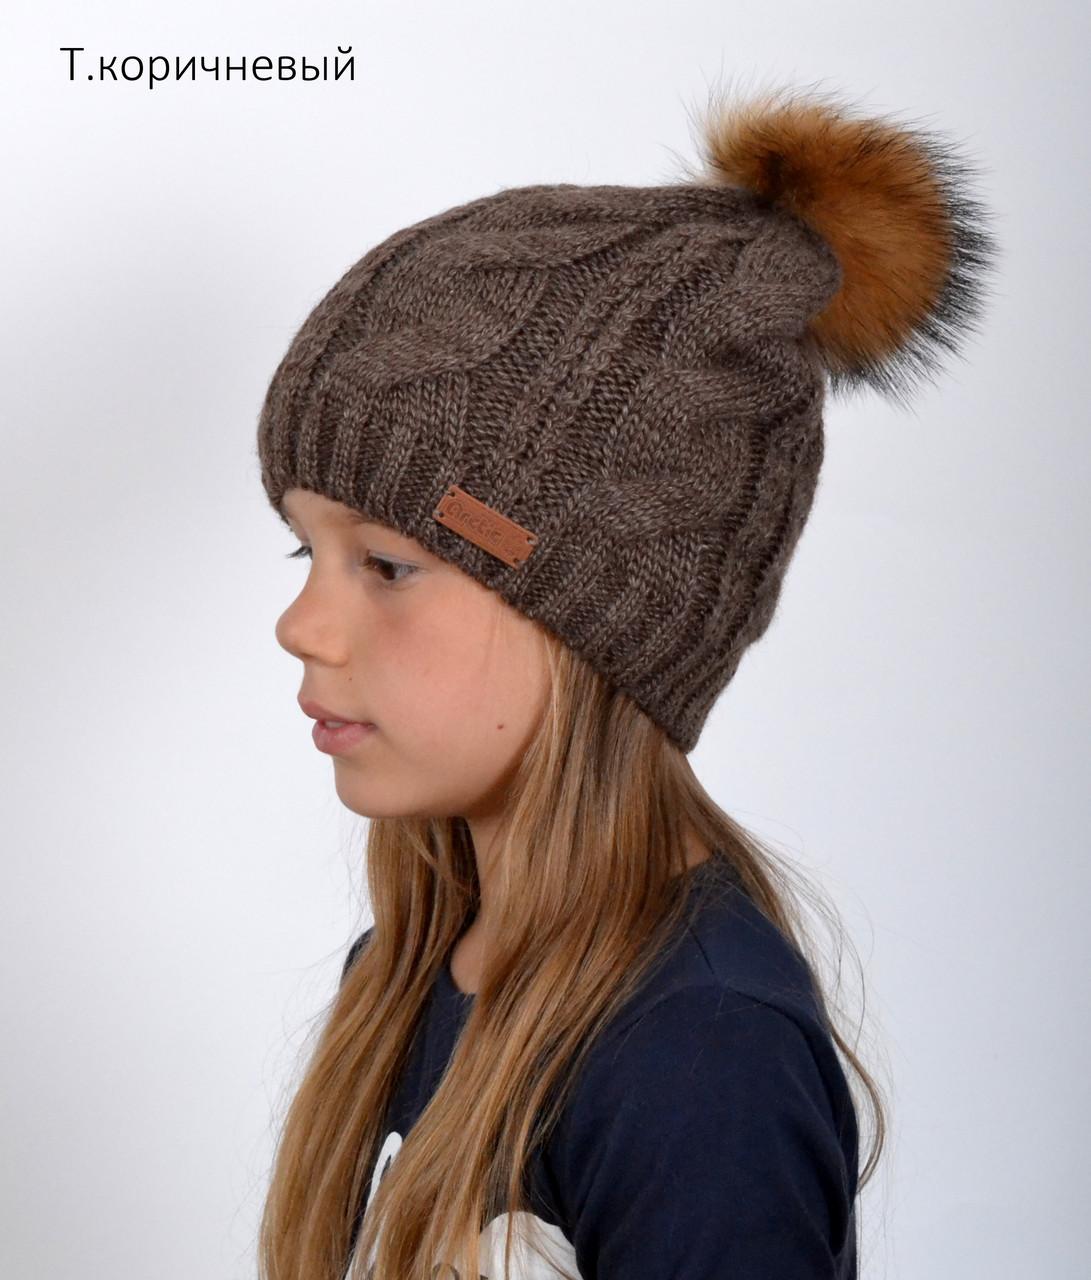 вязаные шапки с помпоном из натурального меха в магазине Malishopt